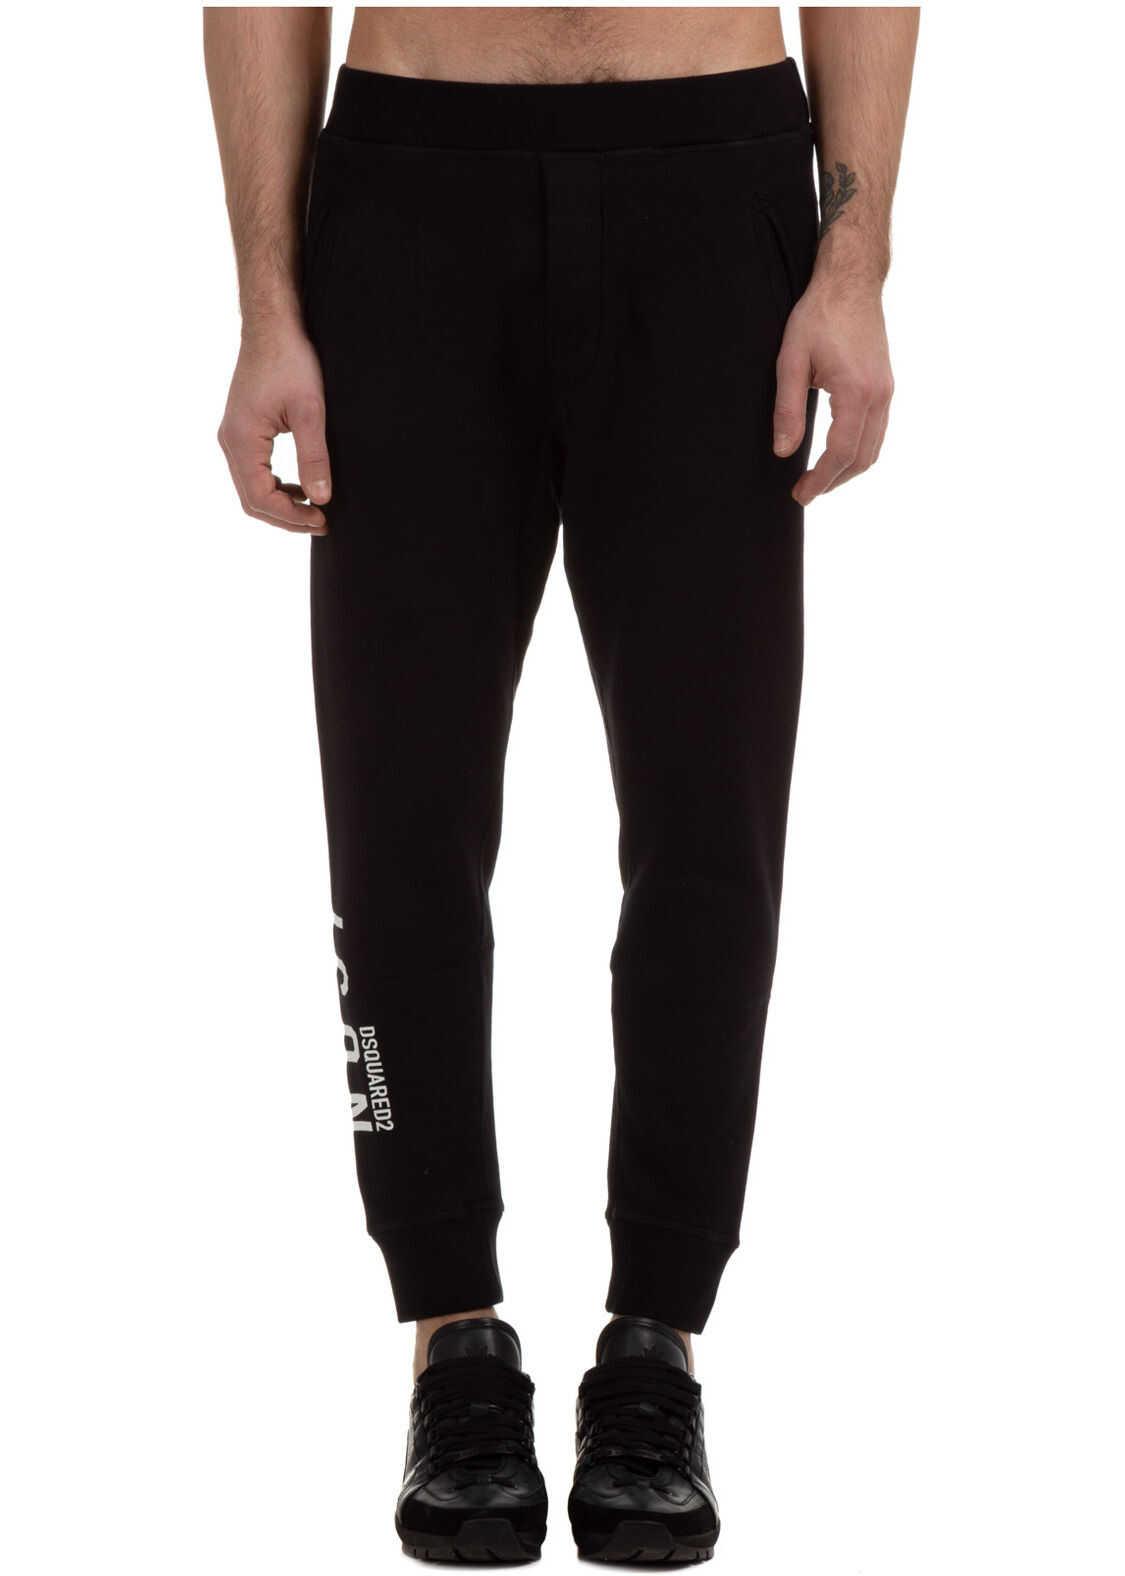 DSQUARED2 Trousers Icon Black imagine